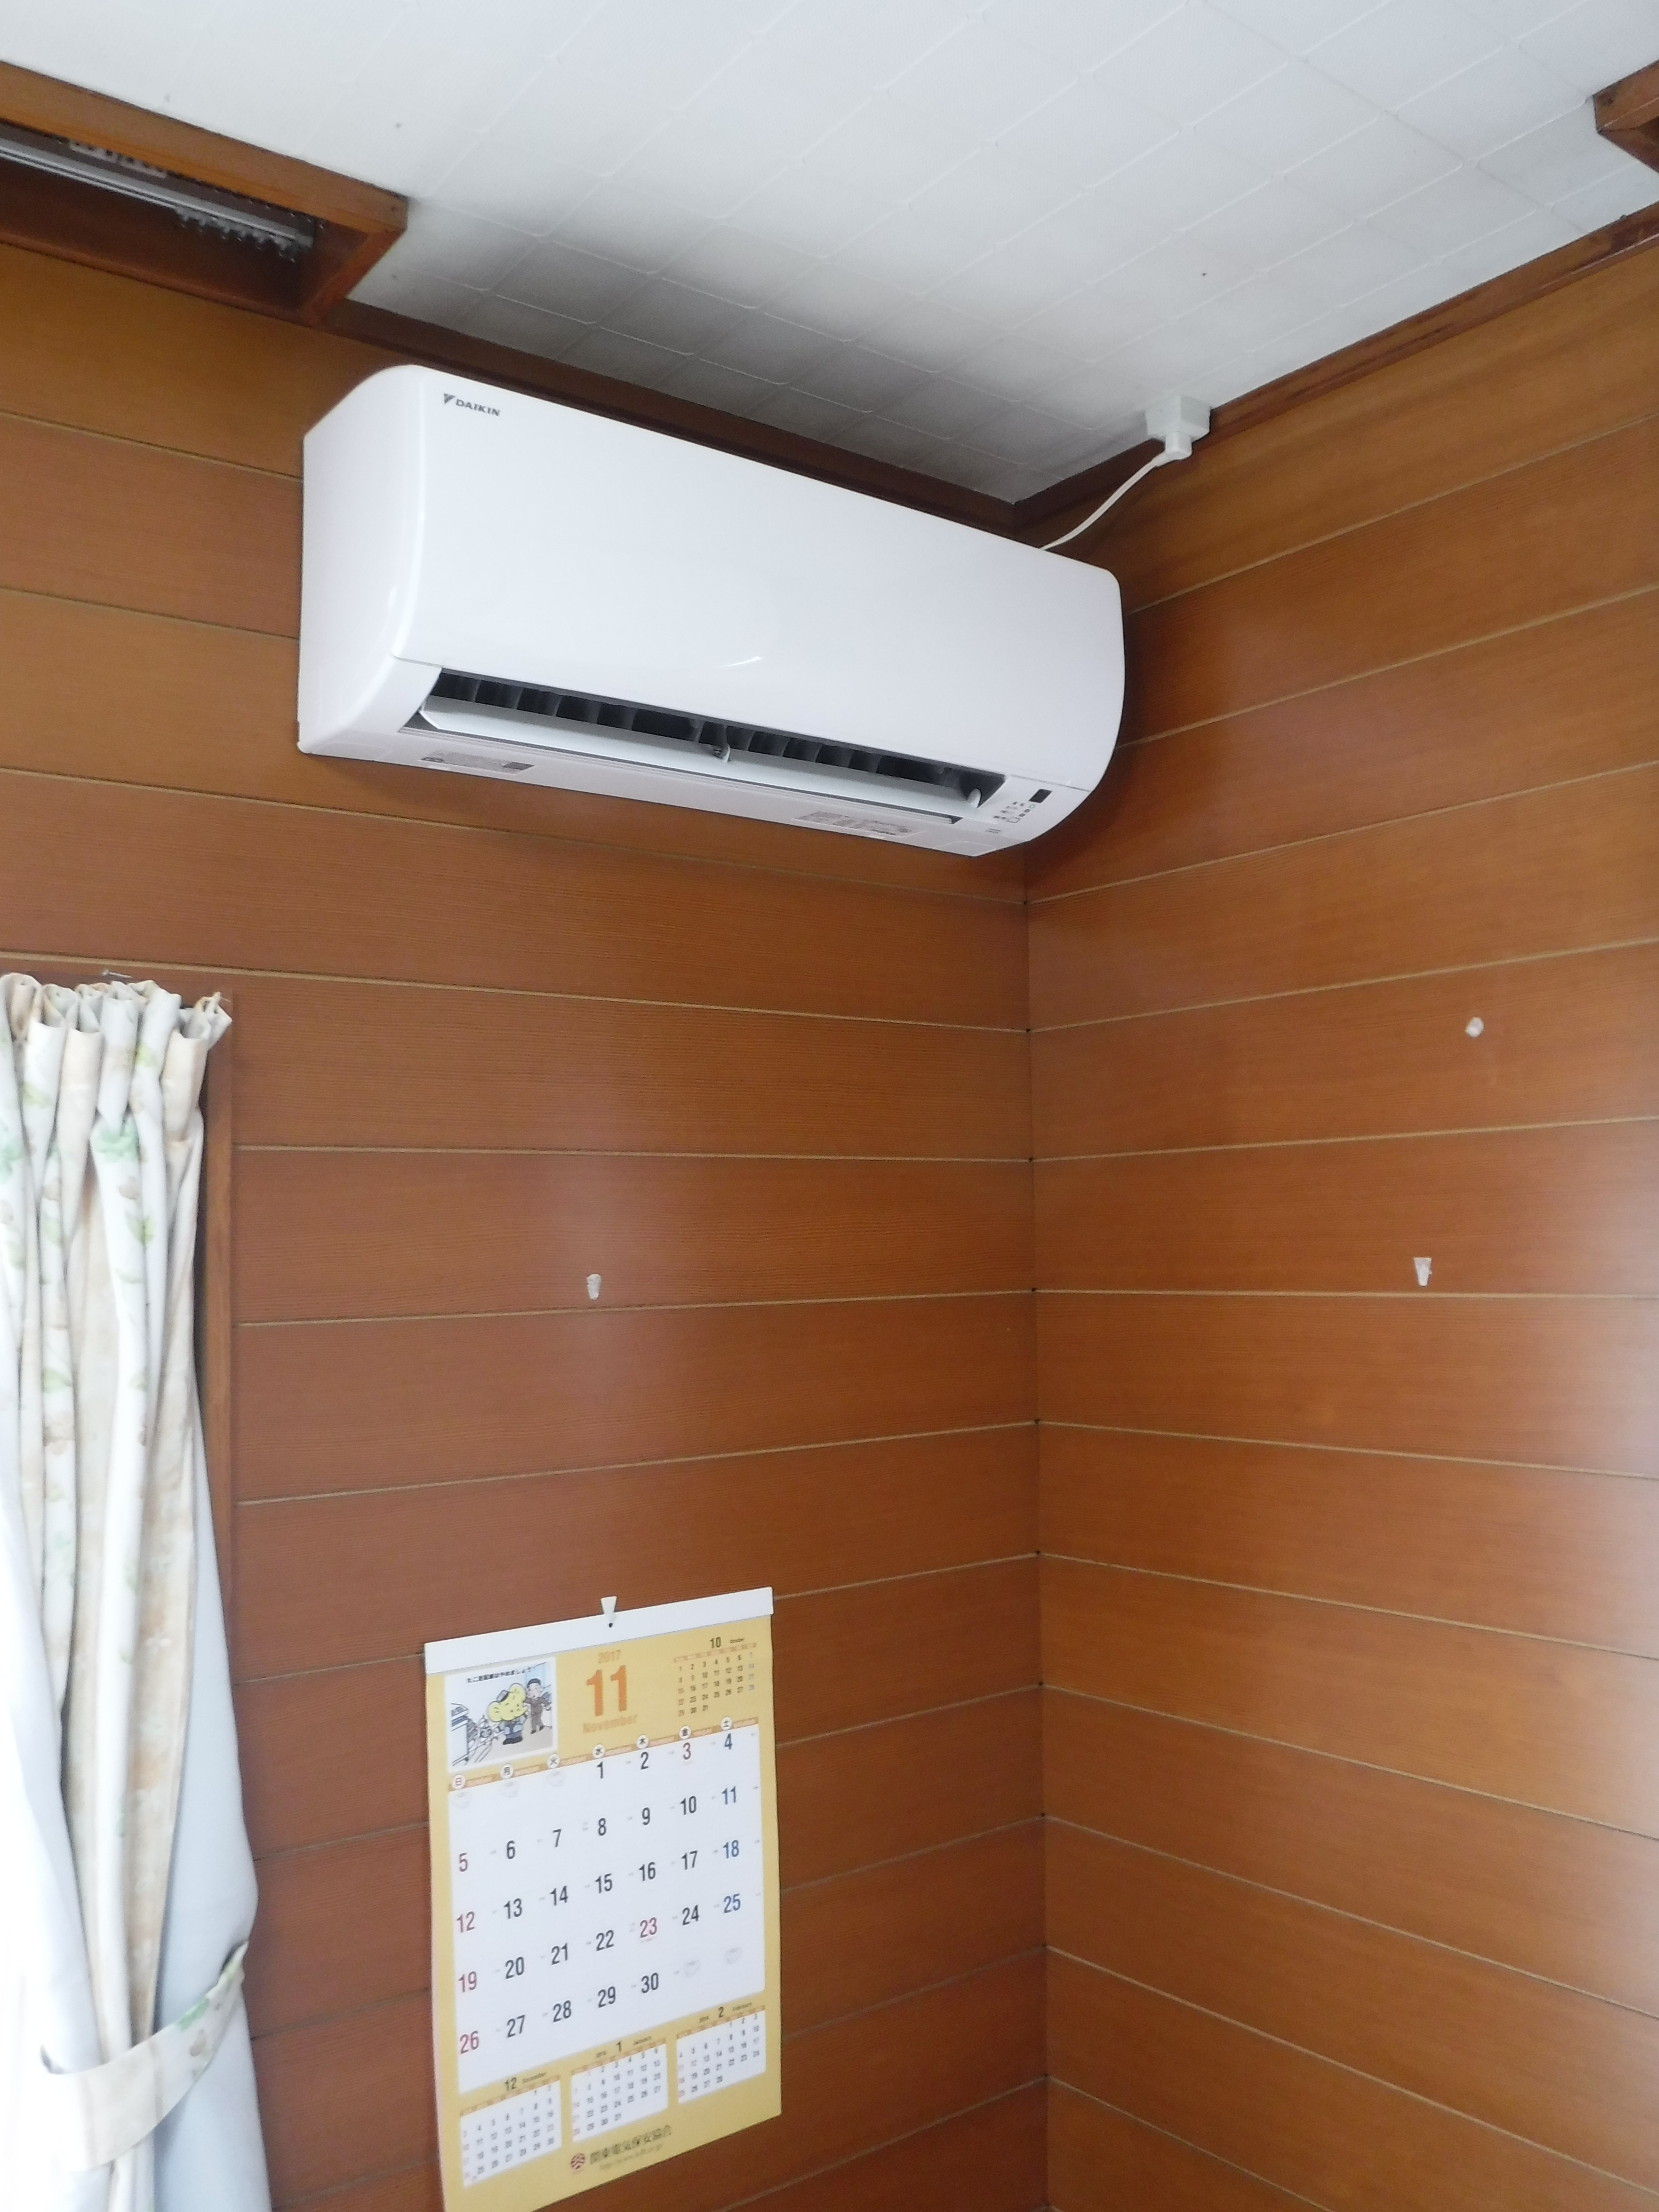 塗装工事の際にエアコンも取替えA